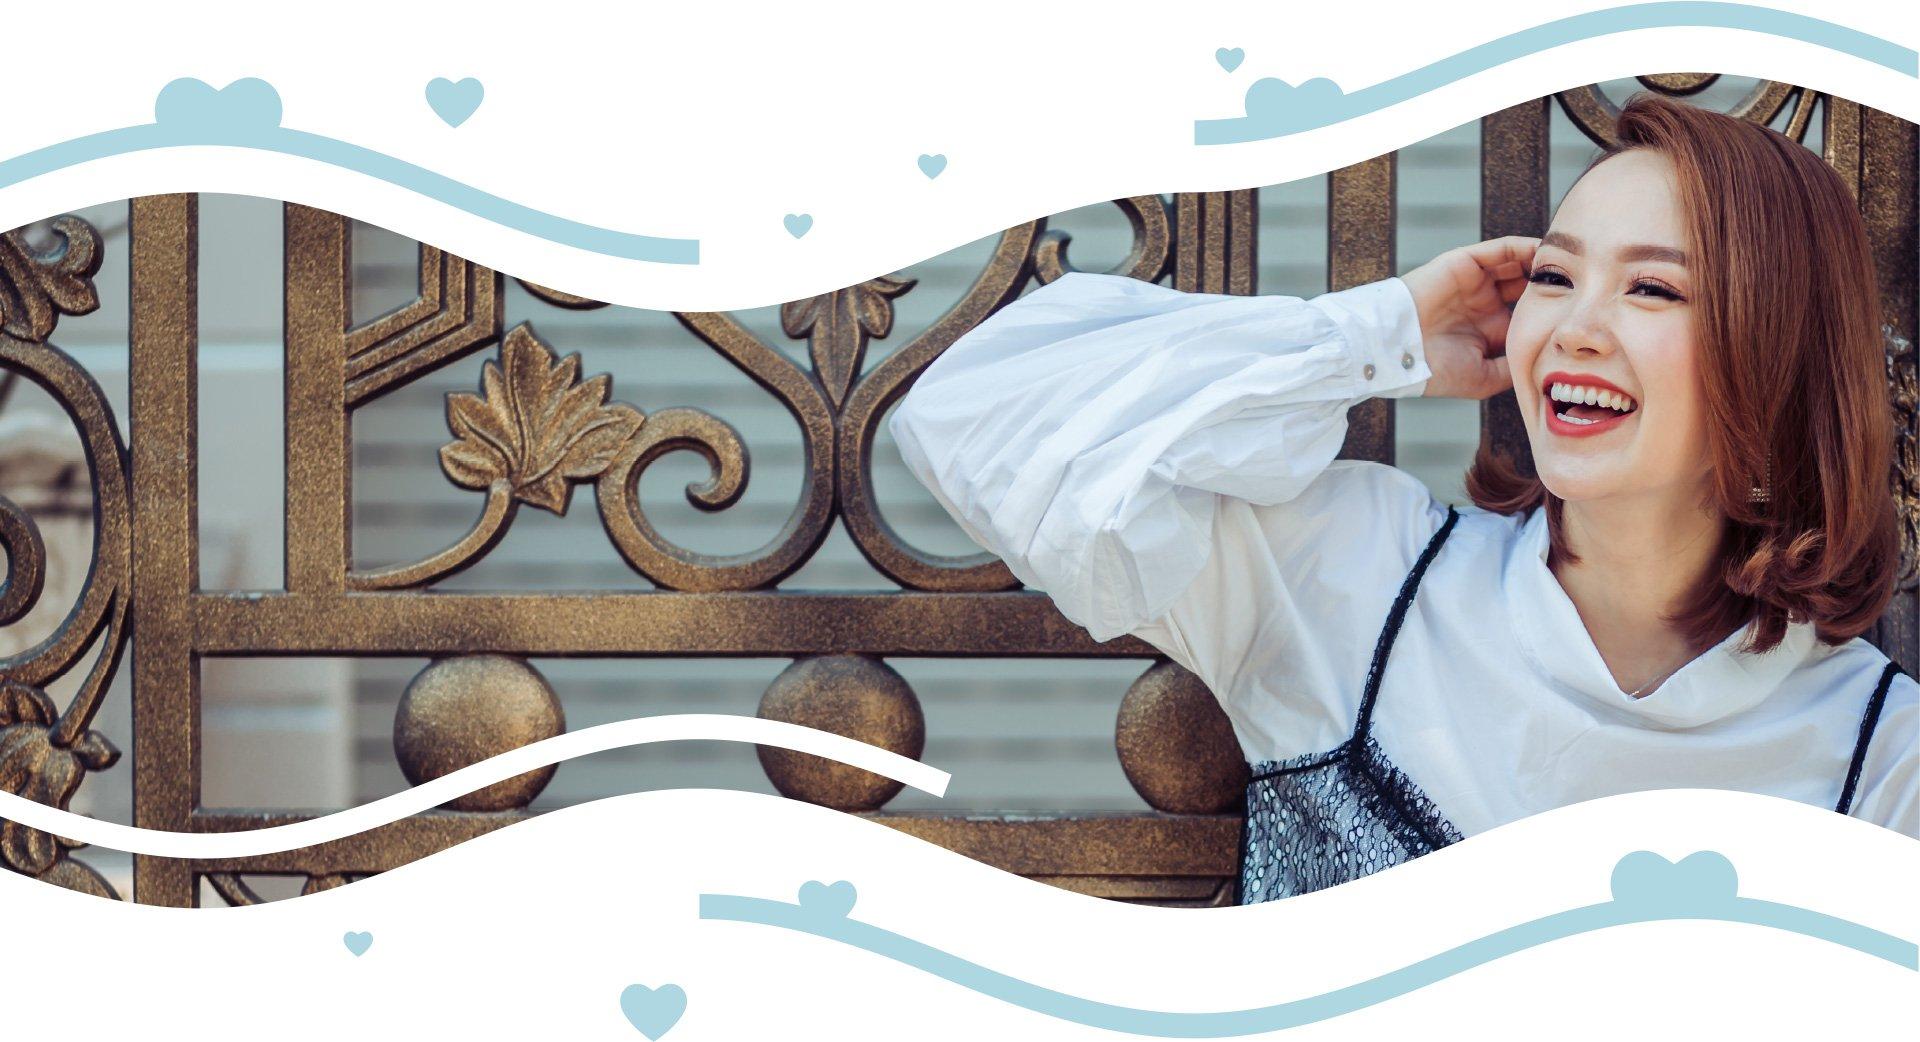 Minh Hang lan dau chia se ve ban trai lon tuoi, thanh dat hinh anh 7